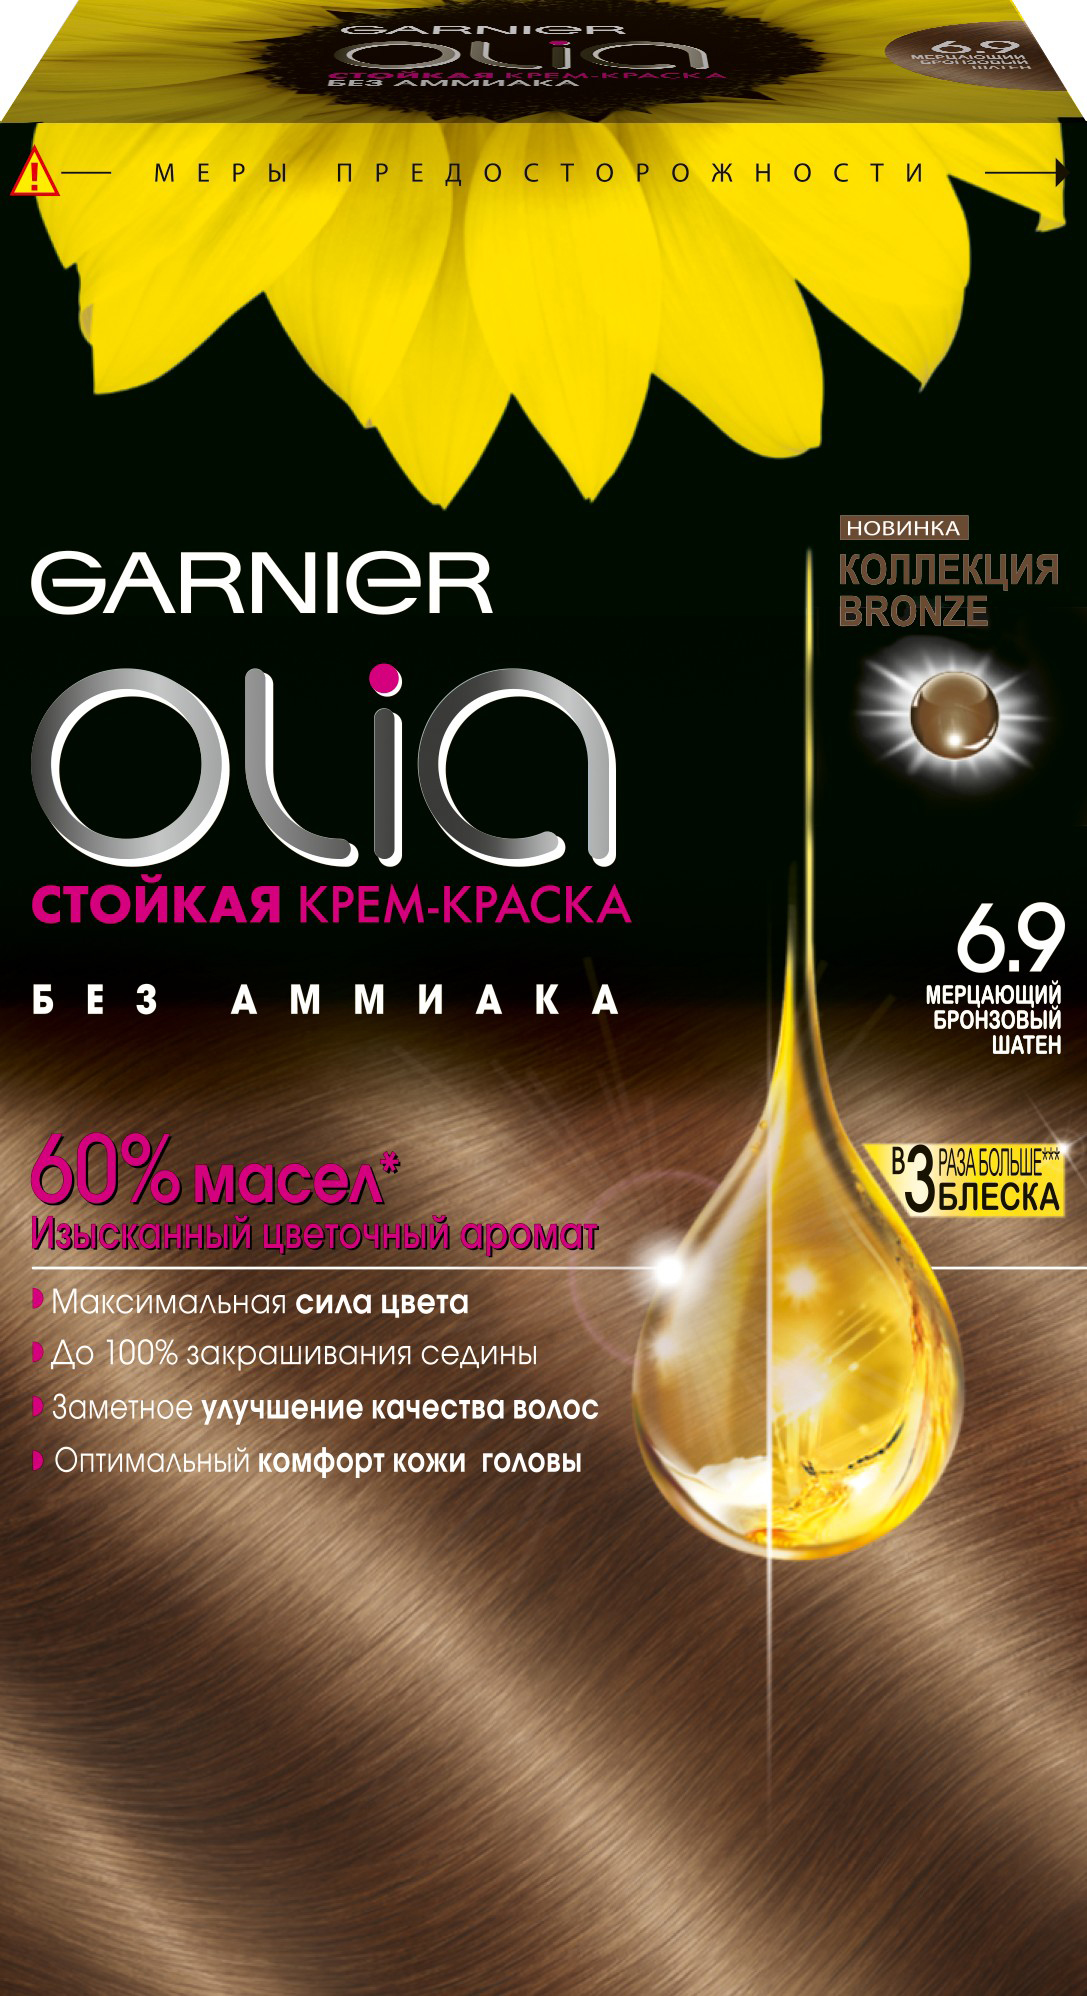 Garnier Стойкая крем-краска для волос Olia без аммиака, оттенок 6.9, Мерцающий бронзовый шатенC5357500Garnier Olia - первая стойкая крем-краска без аммиака c цветочным маслом. Olia обеспечивает максимальную силу цвета и заметно улучшает качество волос. Обеспечивает уникальное чувственное нанесение, оптимальный комфорт кожи головы и обладает изысканным цветочным ароматом. Узнай больше об окрашивании на http://coloracademy.ru//В состав упаковки входит: тюбик с молочком-проявителем; тюбик с крем-краской; флакон с бальзамом-уходом для волос Шелк и Блеск;инструкция; пара перчаток .